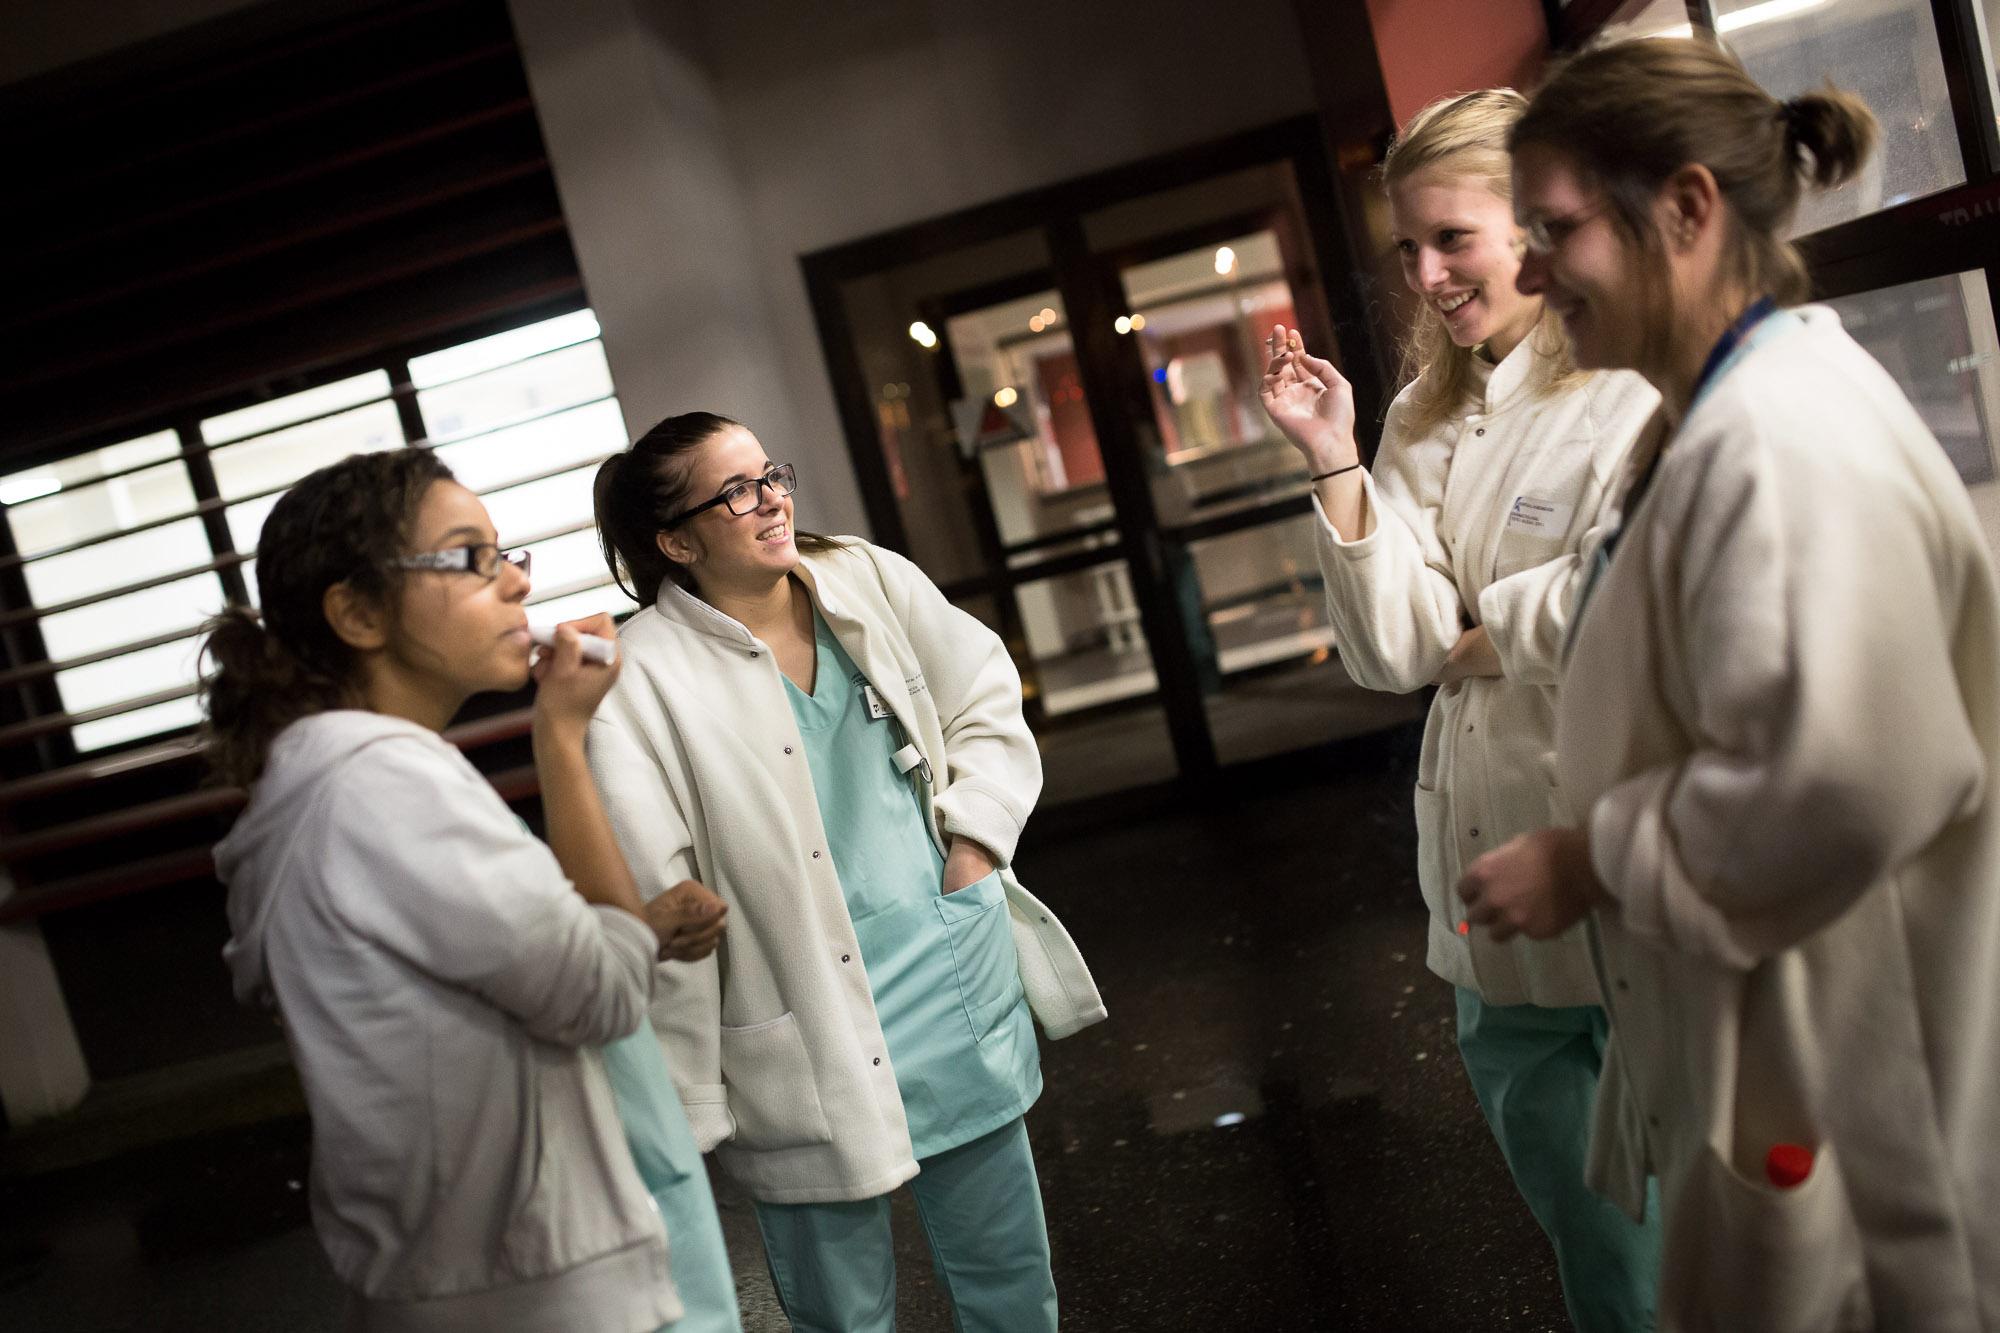 Les infirmières font une pause cigarette devant le service. Ce